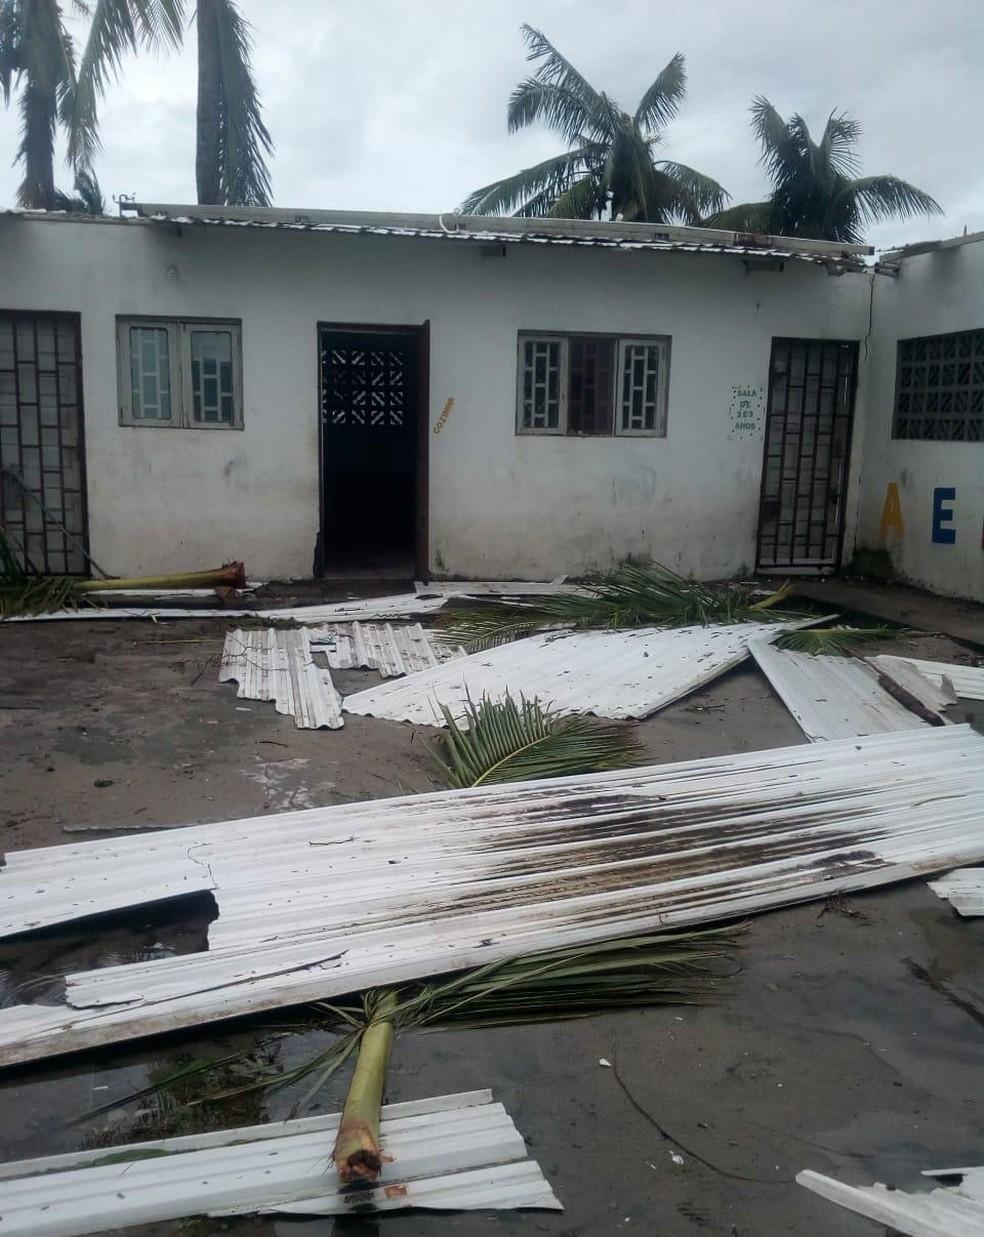 Escola do projeto African Kids ficou sem telhado com a passagem do ciclone Idai, em Beira, cidade da costa de Moçambique — Foto: Silvia Andrade /Arquivo Pessoal